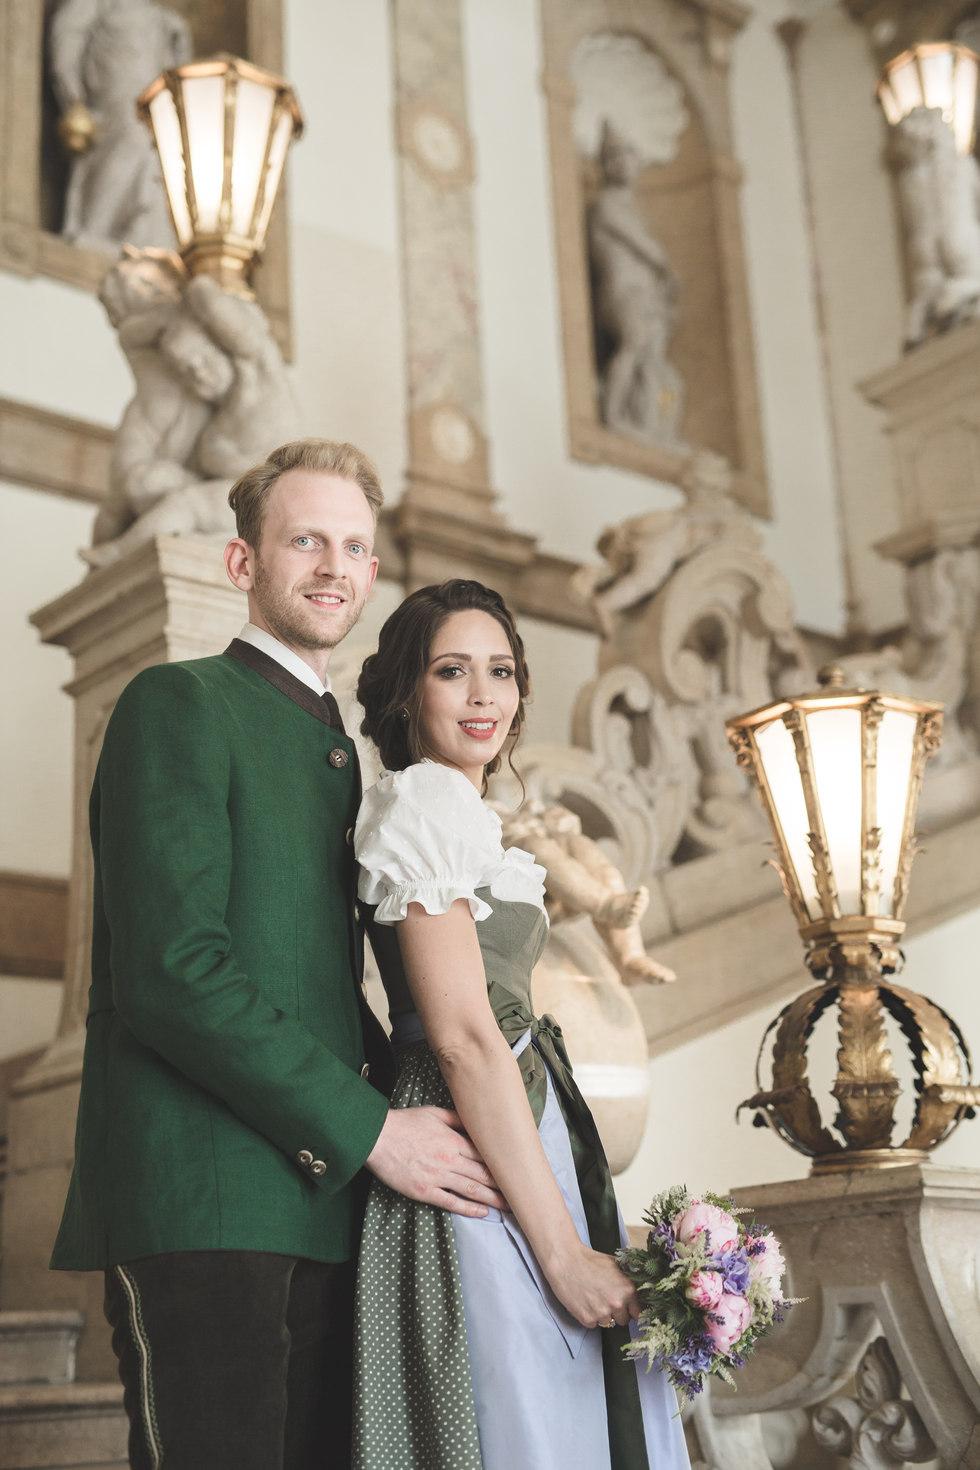 Hochzeit_16618-175.jpg